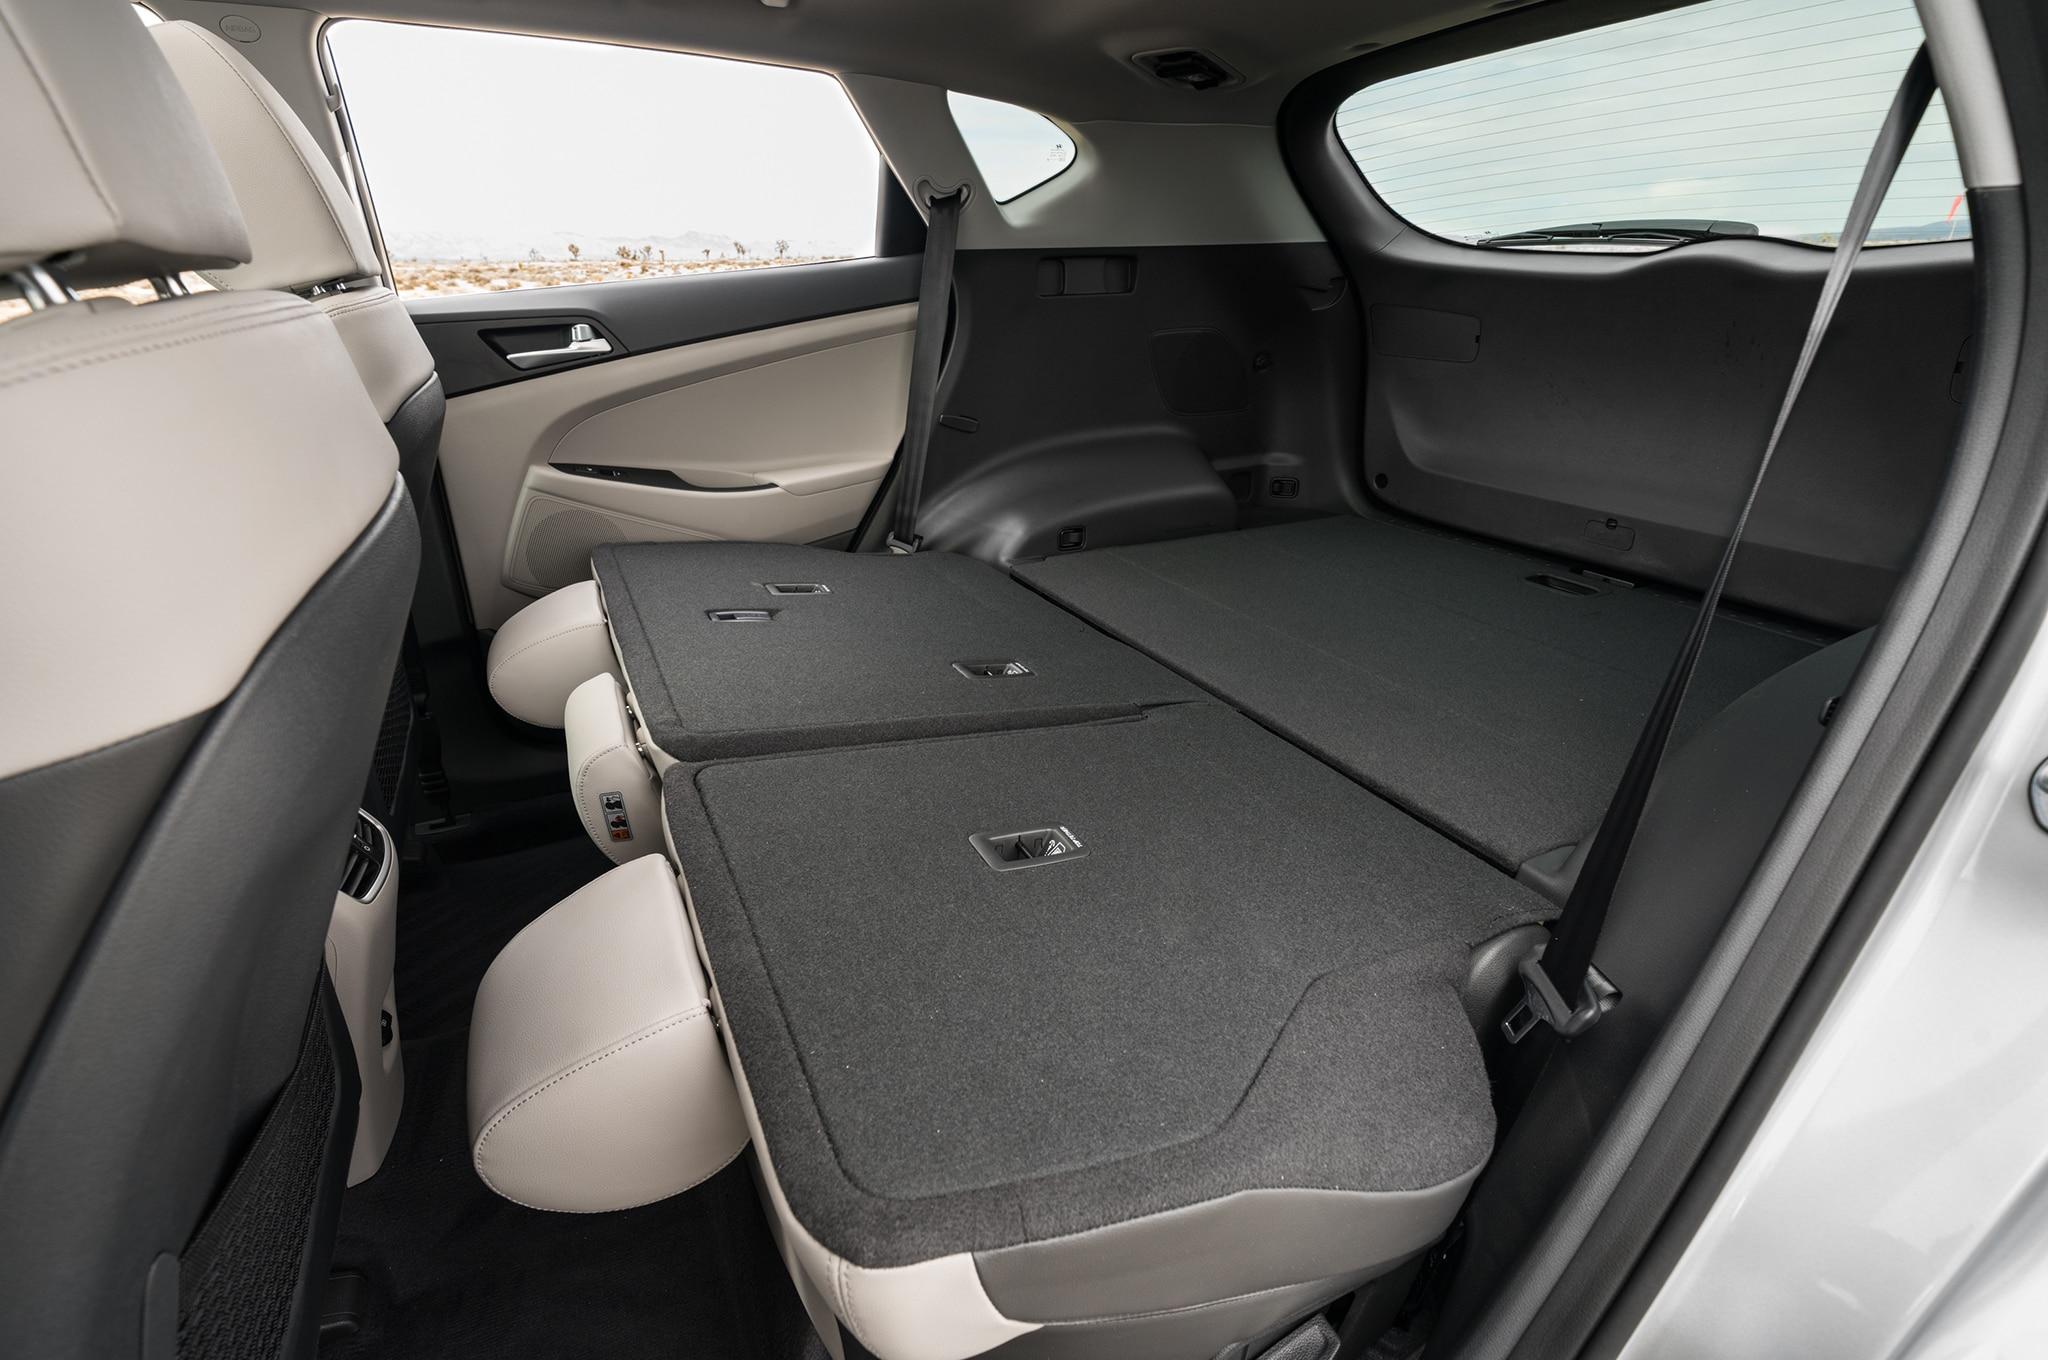 2019 hyundai tucson offers more power automobile magazine - Hyundai tucson interior pictures ...